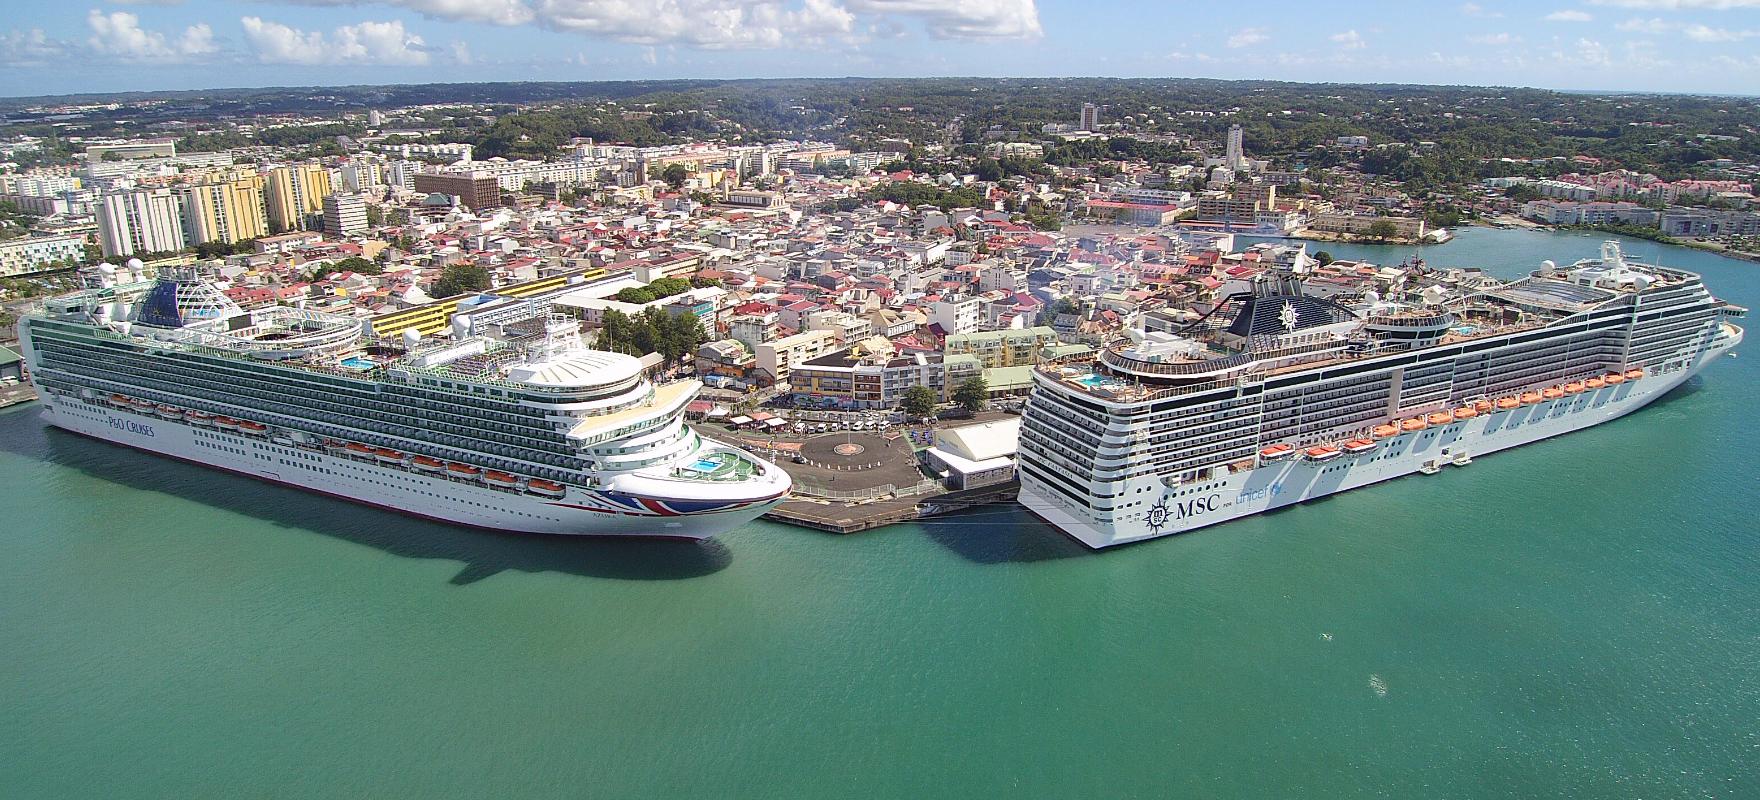 Le Sénat a adopté l'amendement de l'expérimentation du duty free dans la croisiere en Guadeloupe et en Martinique